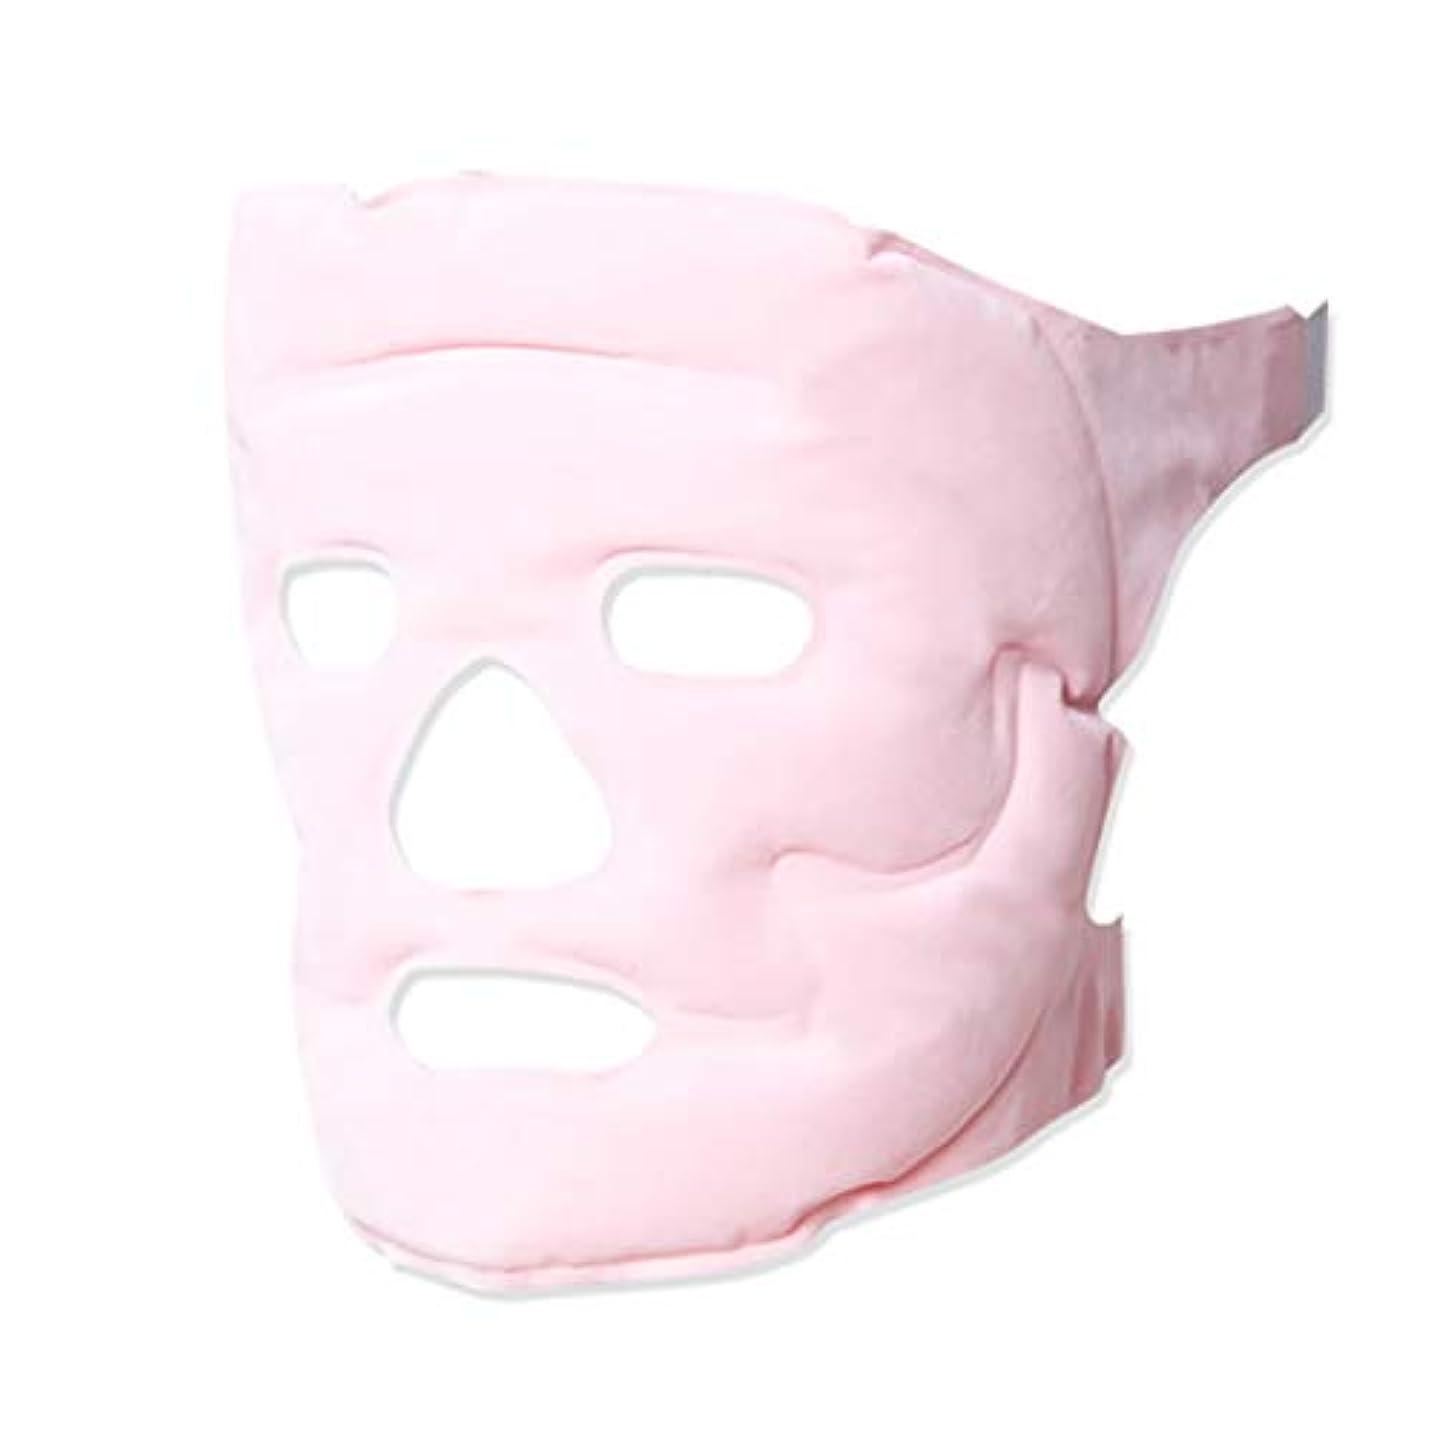 コンバーチブル発表戦争Vフェイスマスク睡眠薄い顔美容マスク磁気療法持ち上がる引き締め判決パターン包帯アーティファクトピンク